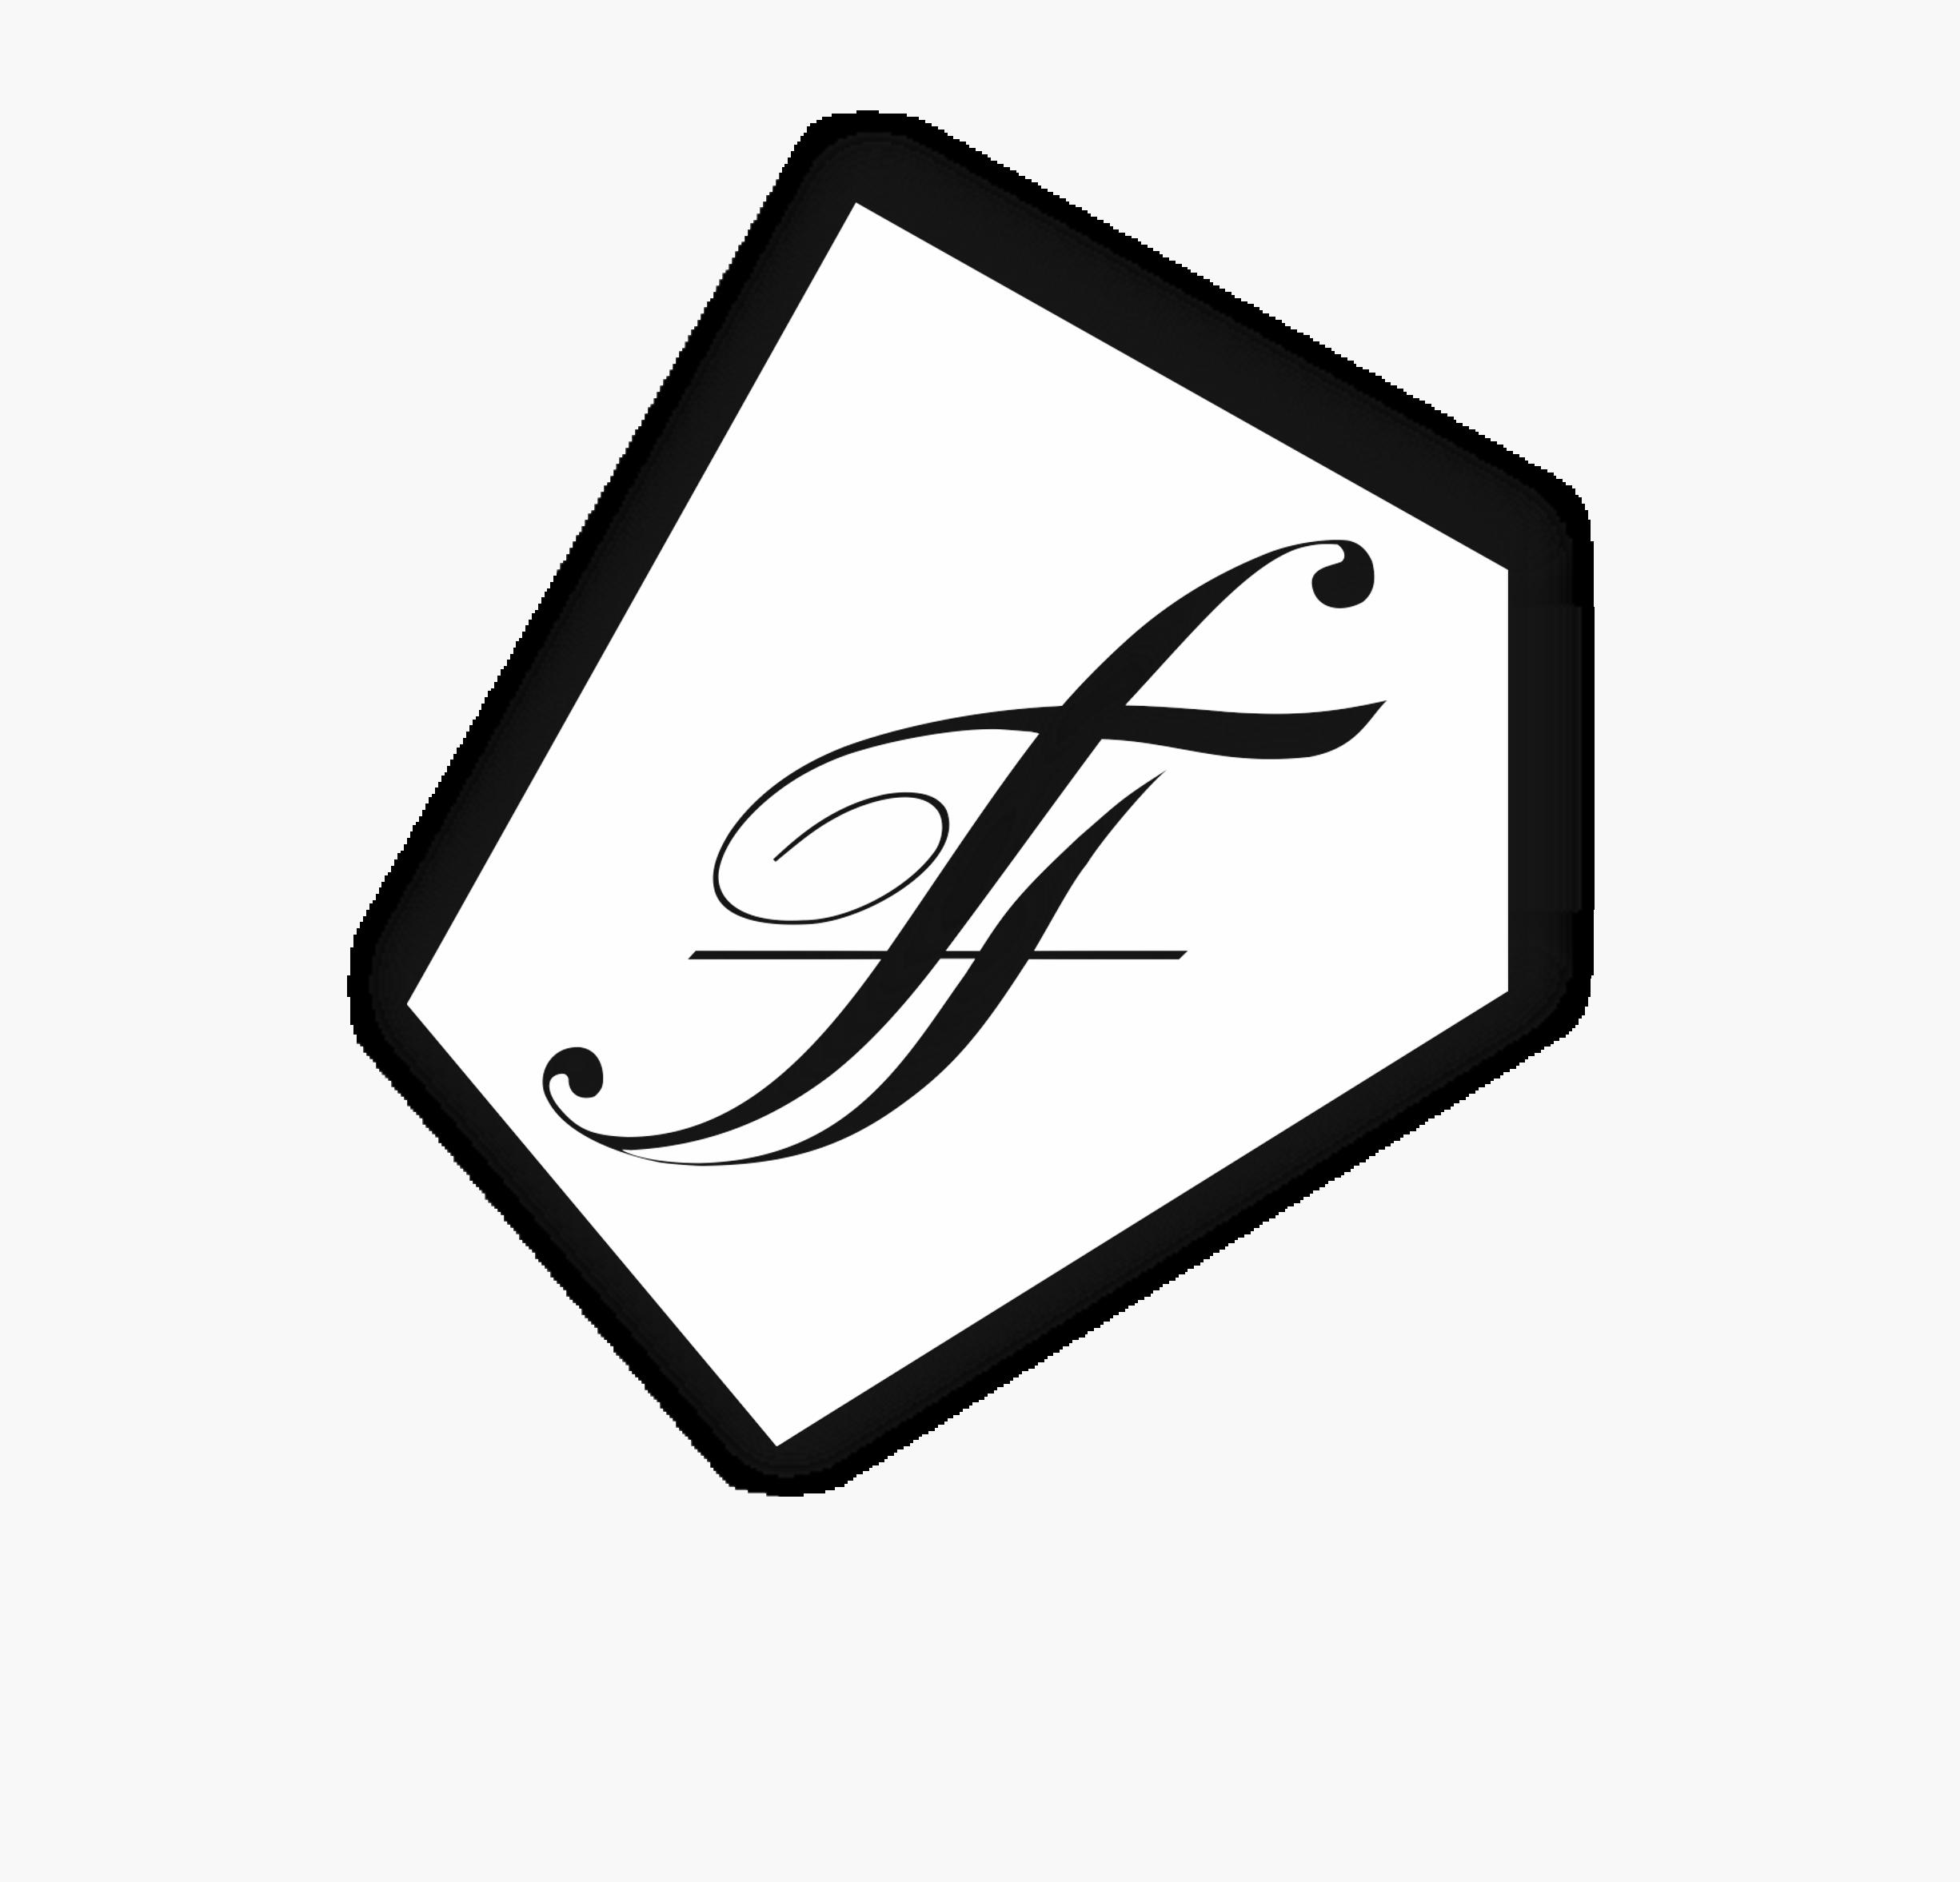 F_sygnet www